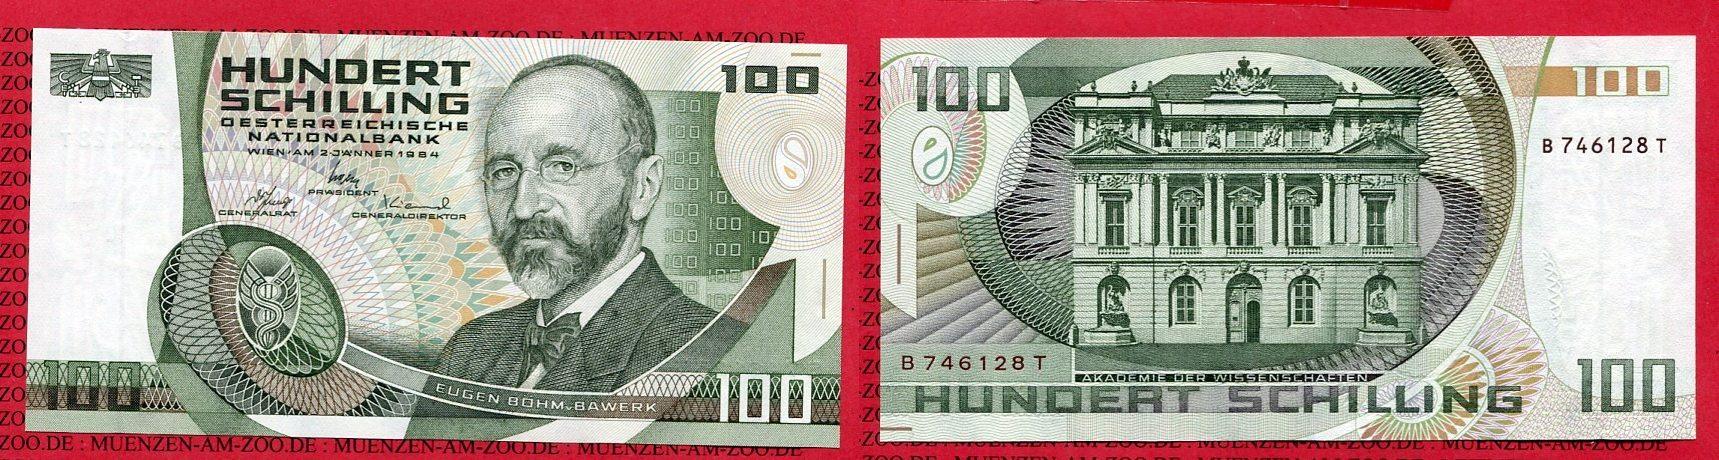 100 Schilling Banknote 1984 österreich Austria österreich 100